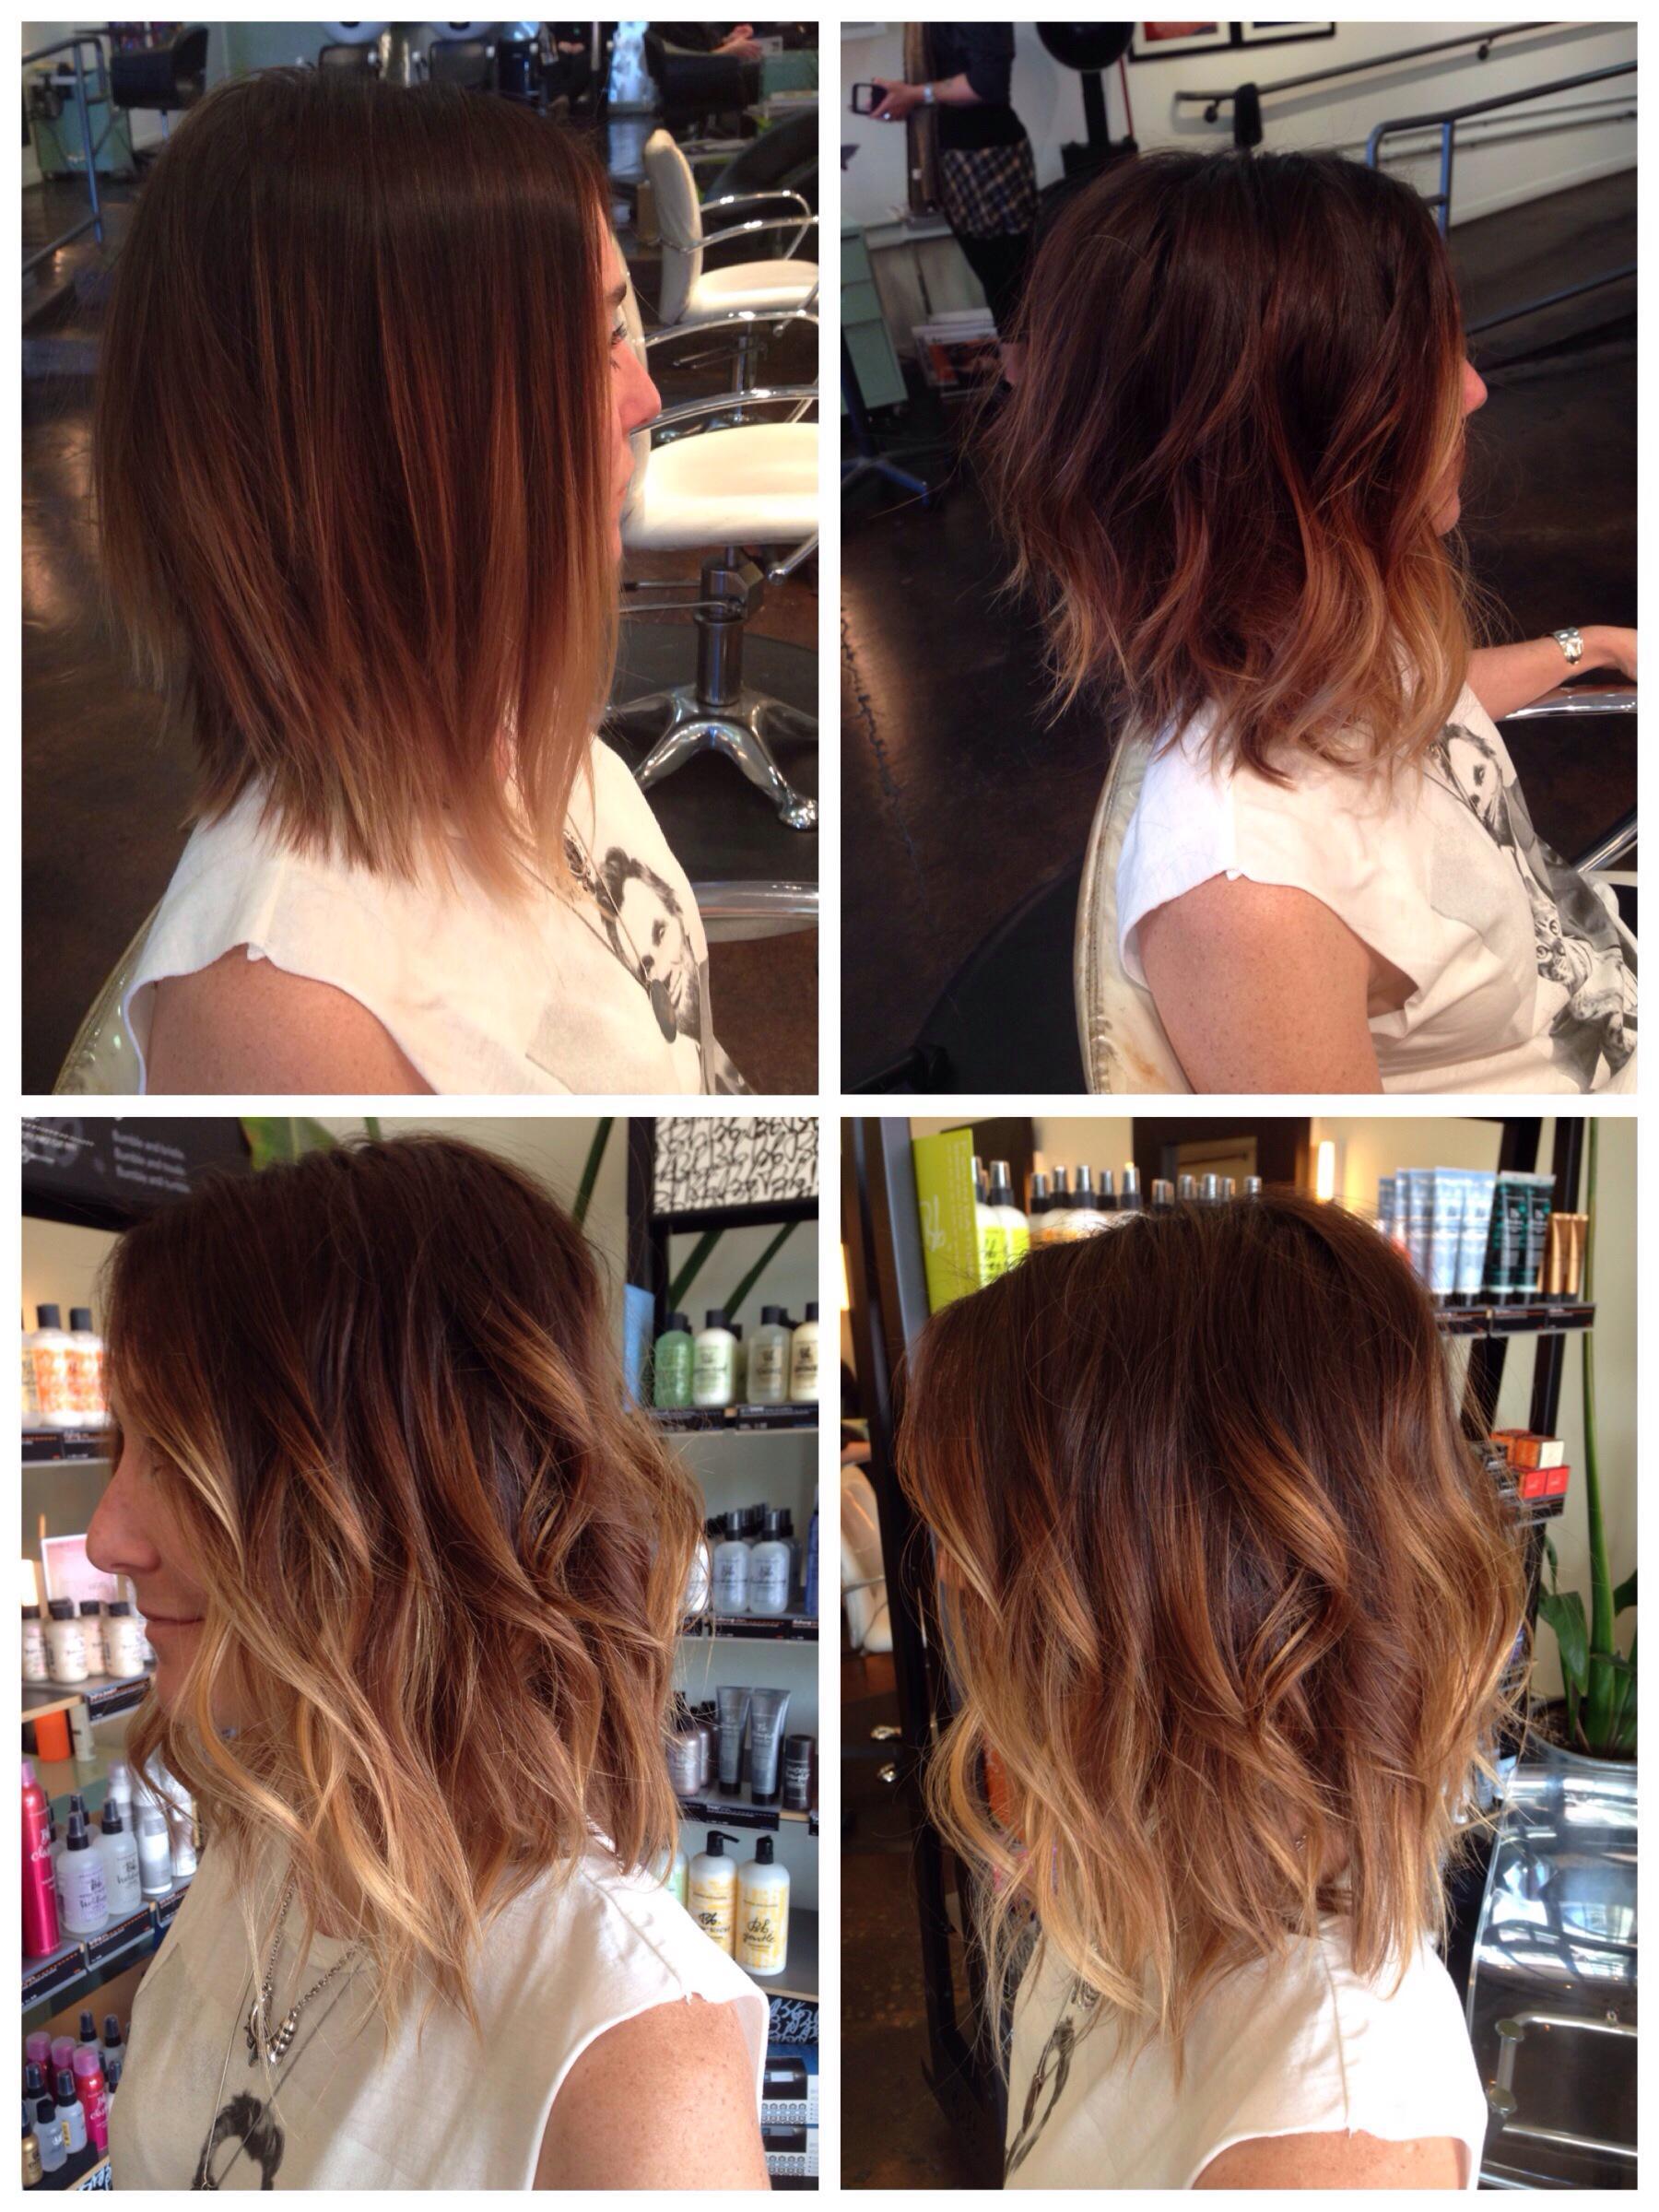 image47-7   Брондирование волос: описание, виды, техника выполнения для любой длины и цвета волос